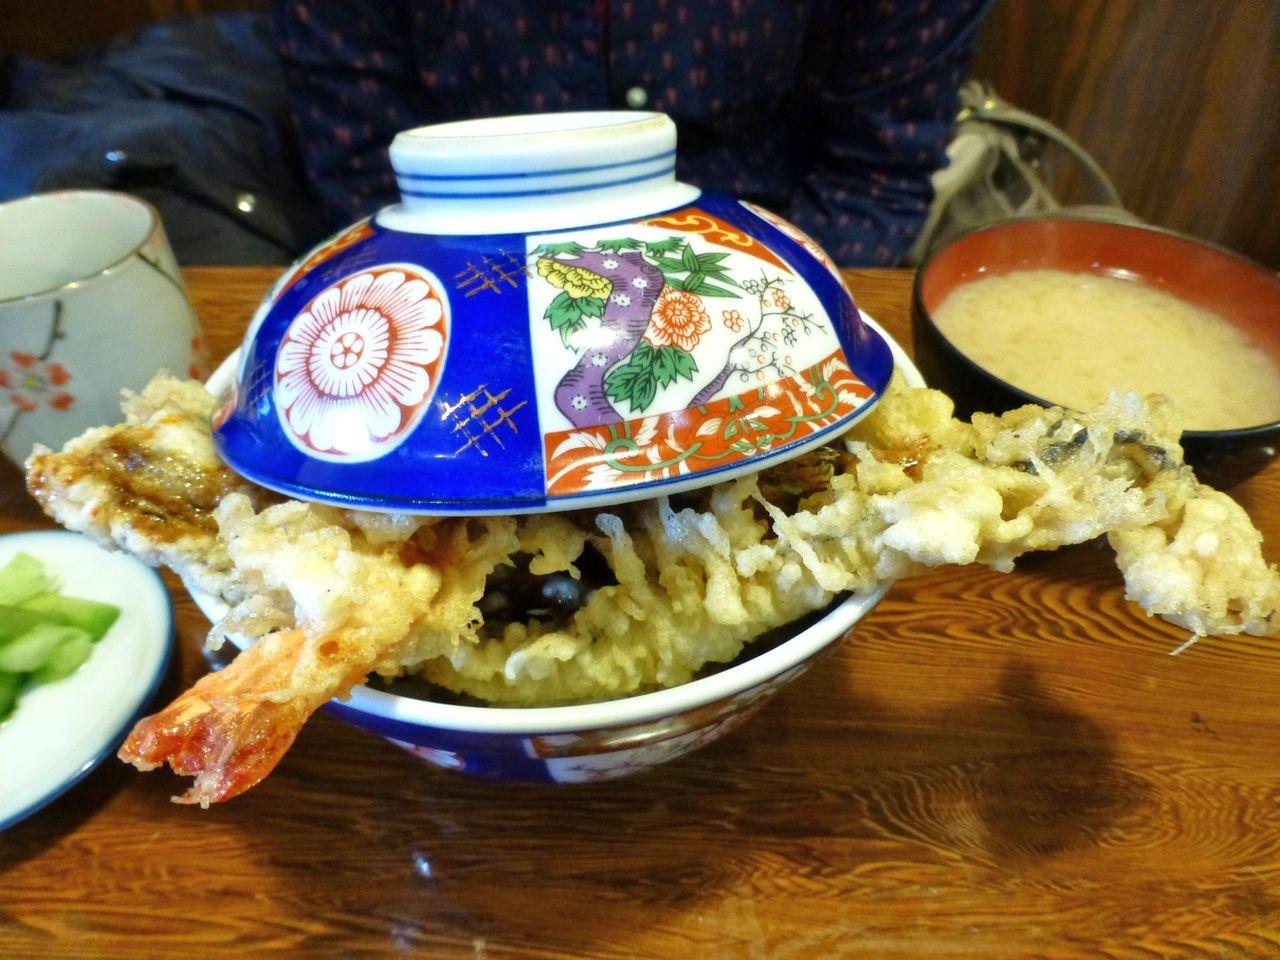 上天丼1,300円は、穴子と海老が丼からはみ出してます!